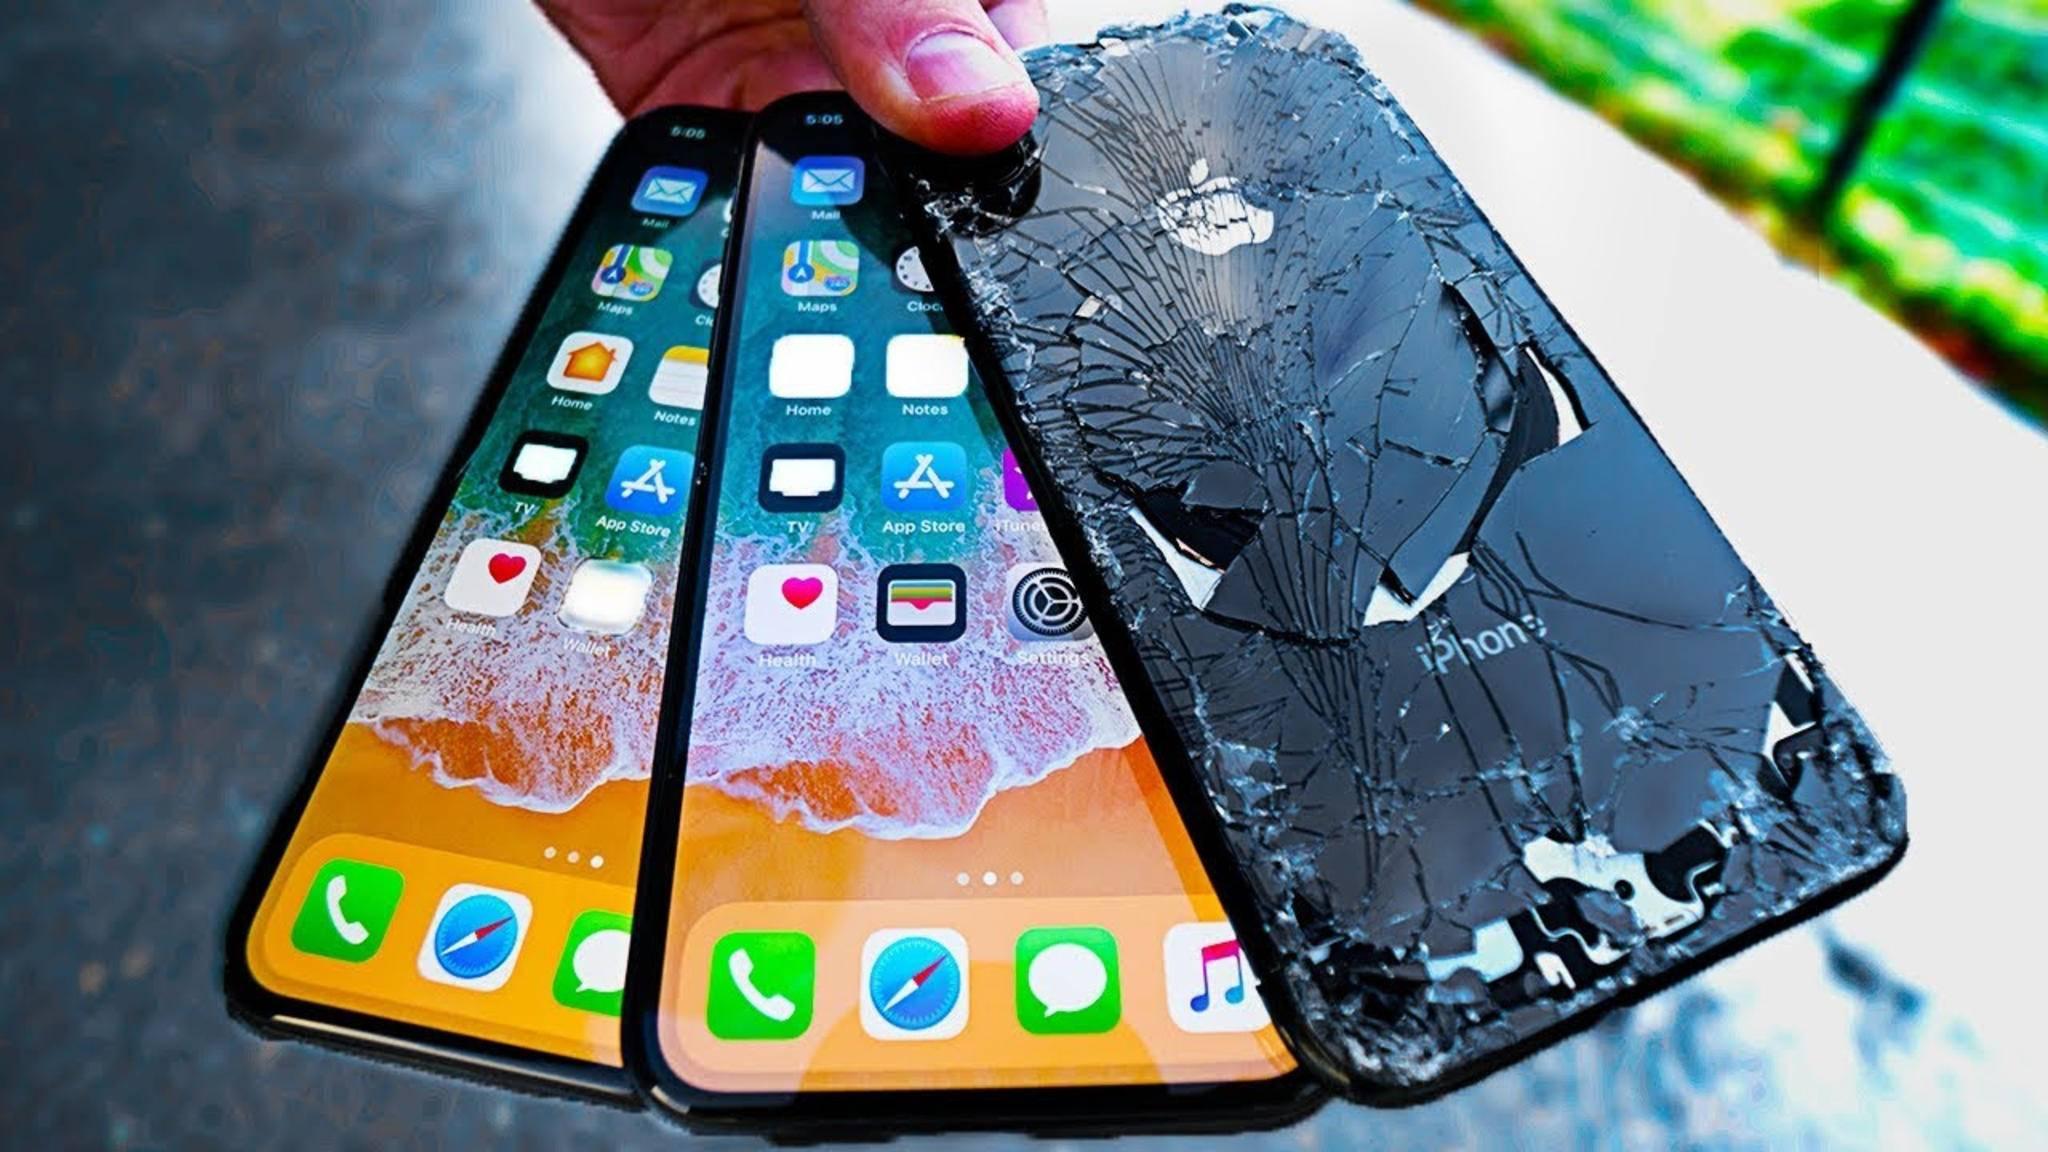 Viele aktuelle Smartphones sind aus Glas – und damit besonders bruchanfällig.